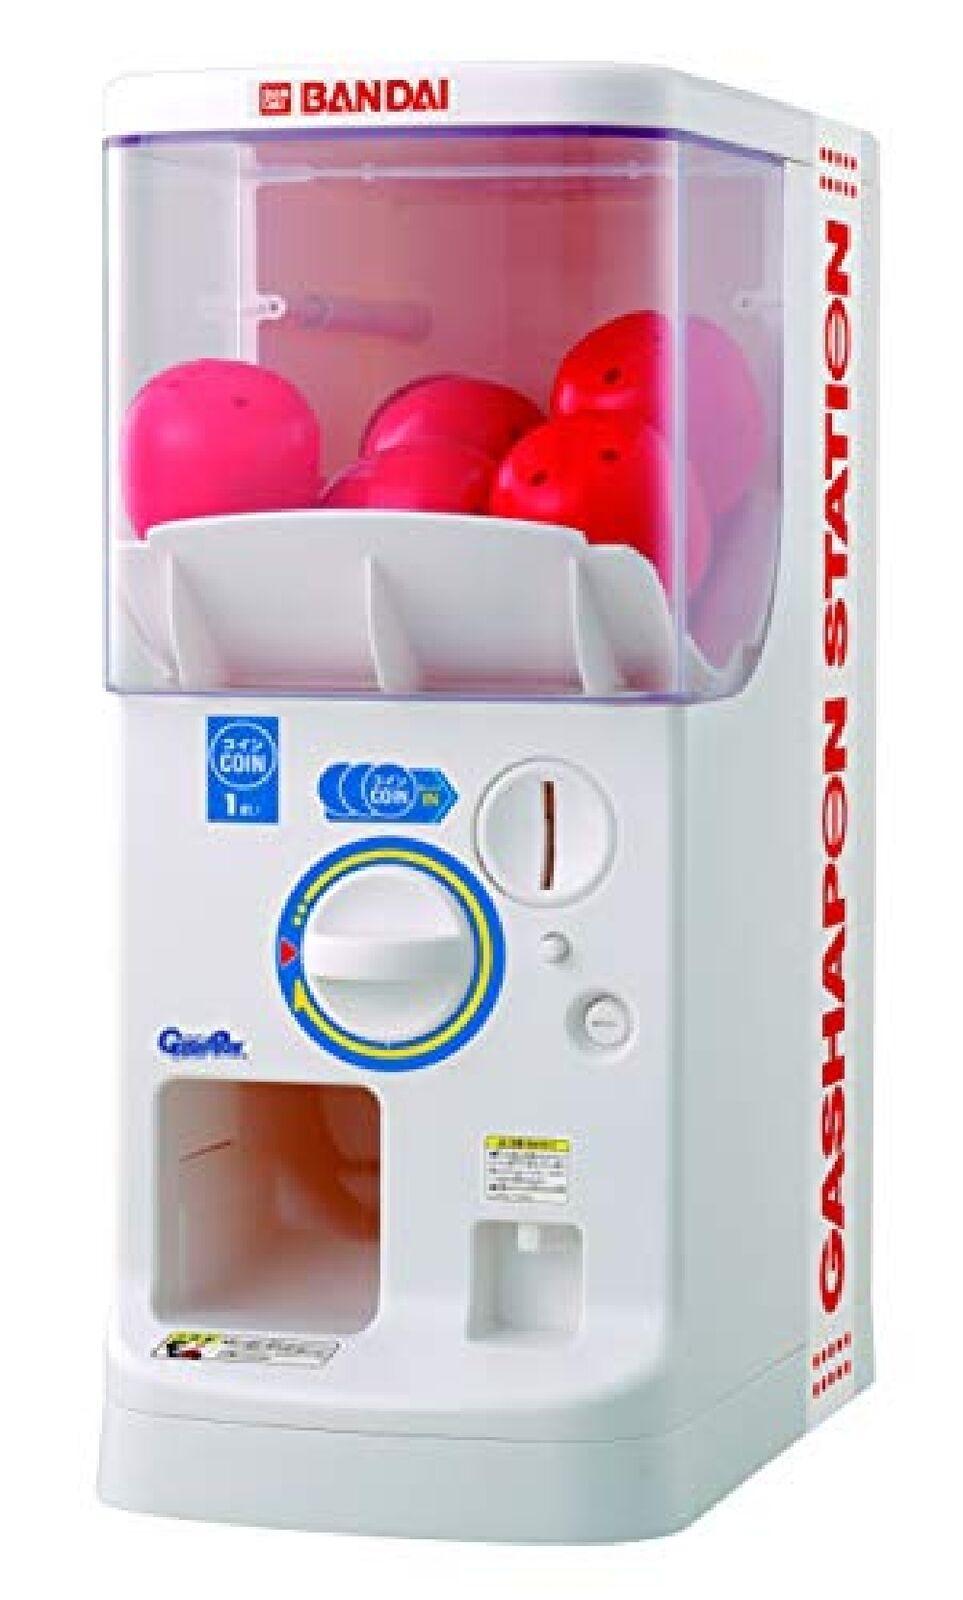 Bandai Official Gashapon Gachapon Machine Plus 12xCapsule 4xCoin Station Toy